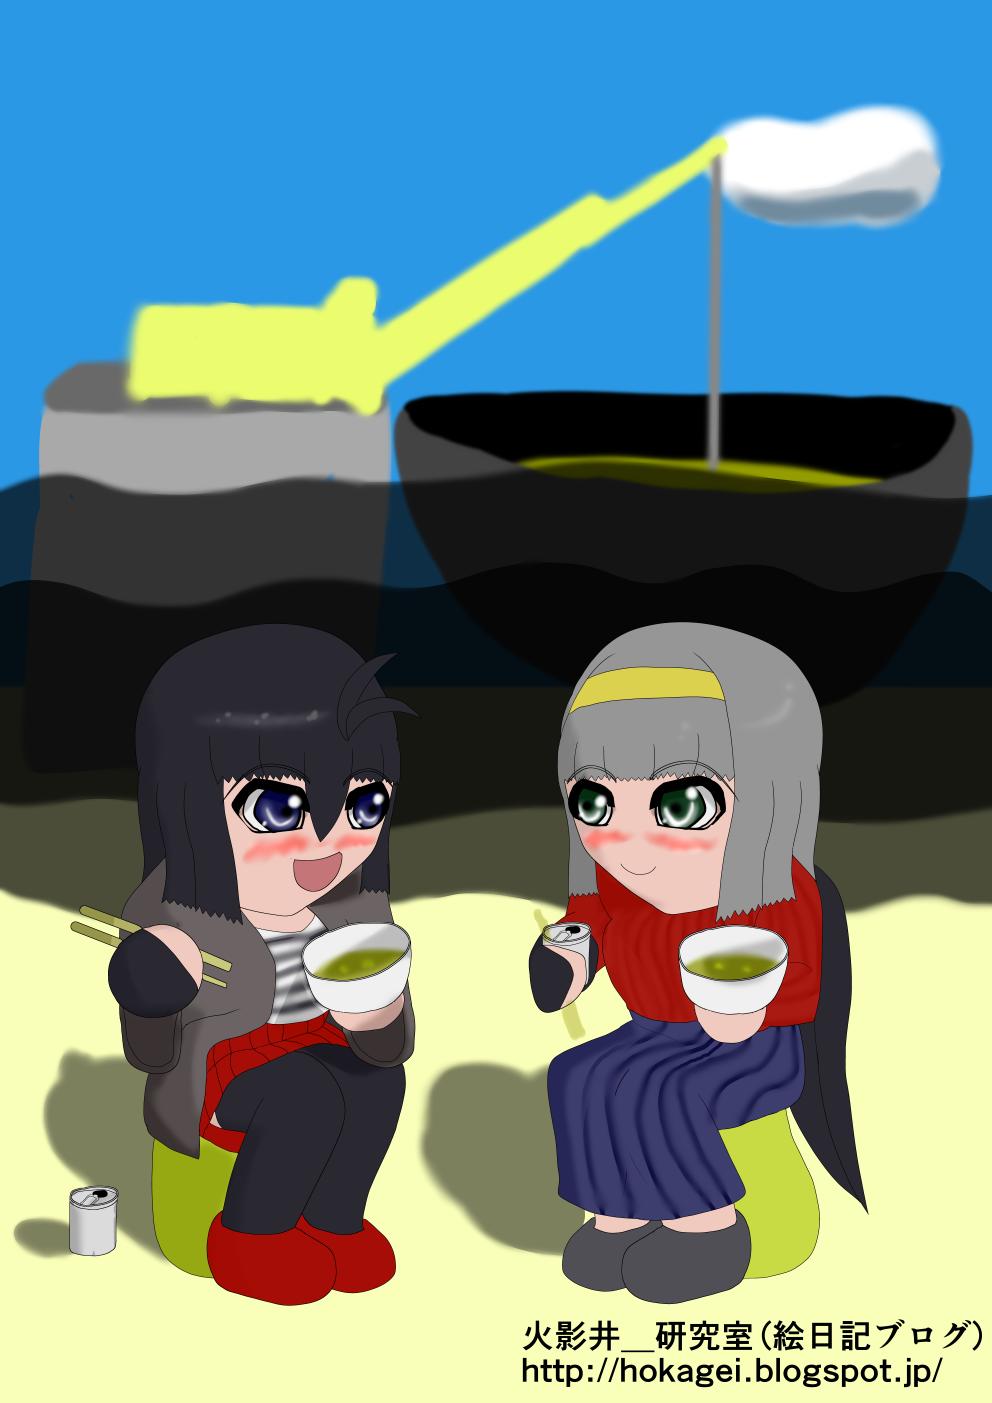 芋煮会(八雲楓、羽園雫)